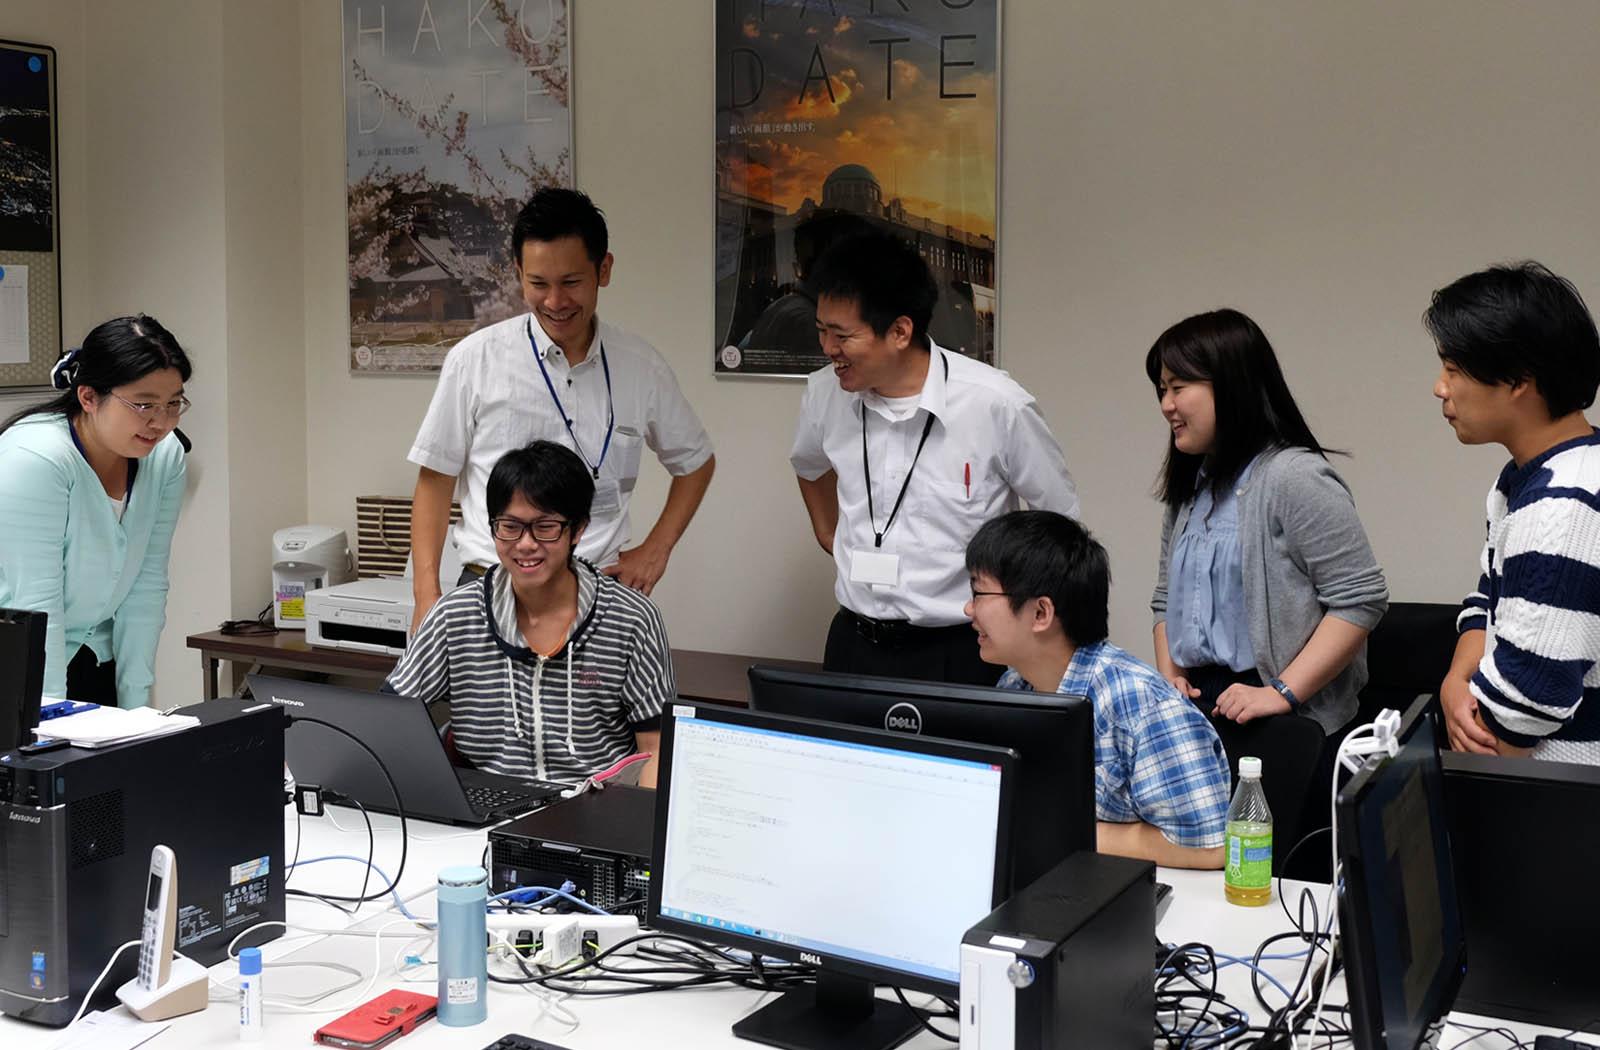 函館道南R&Dセンターにて(インターンシップの学生と談笑する弊社社員)